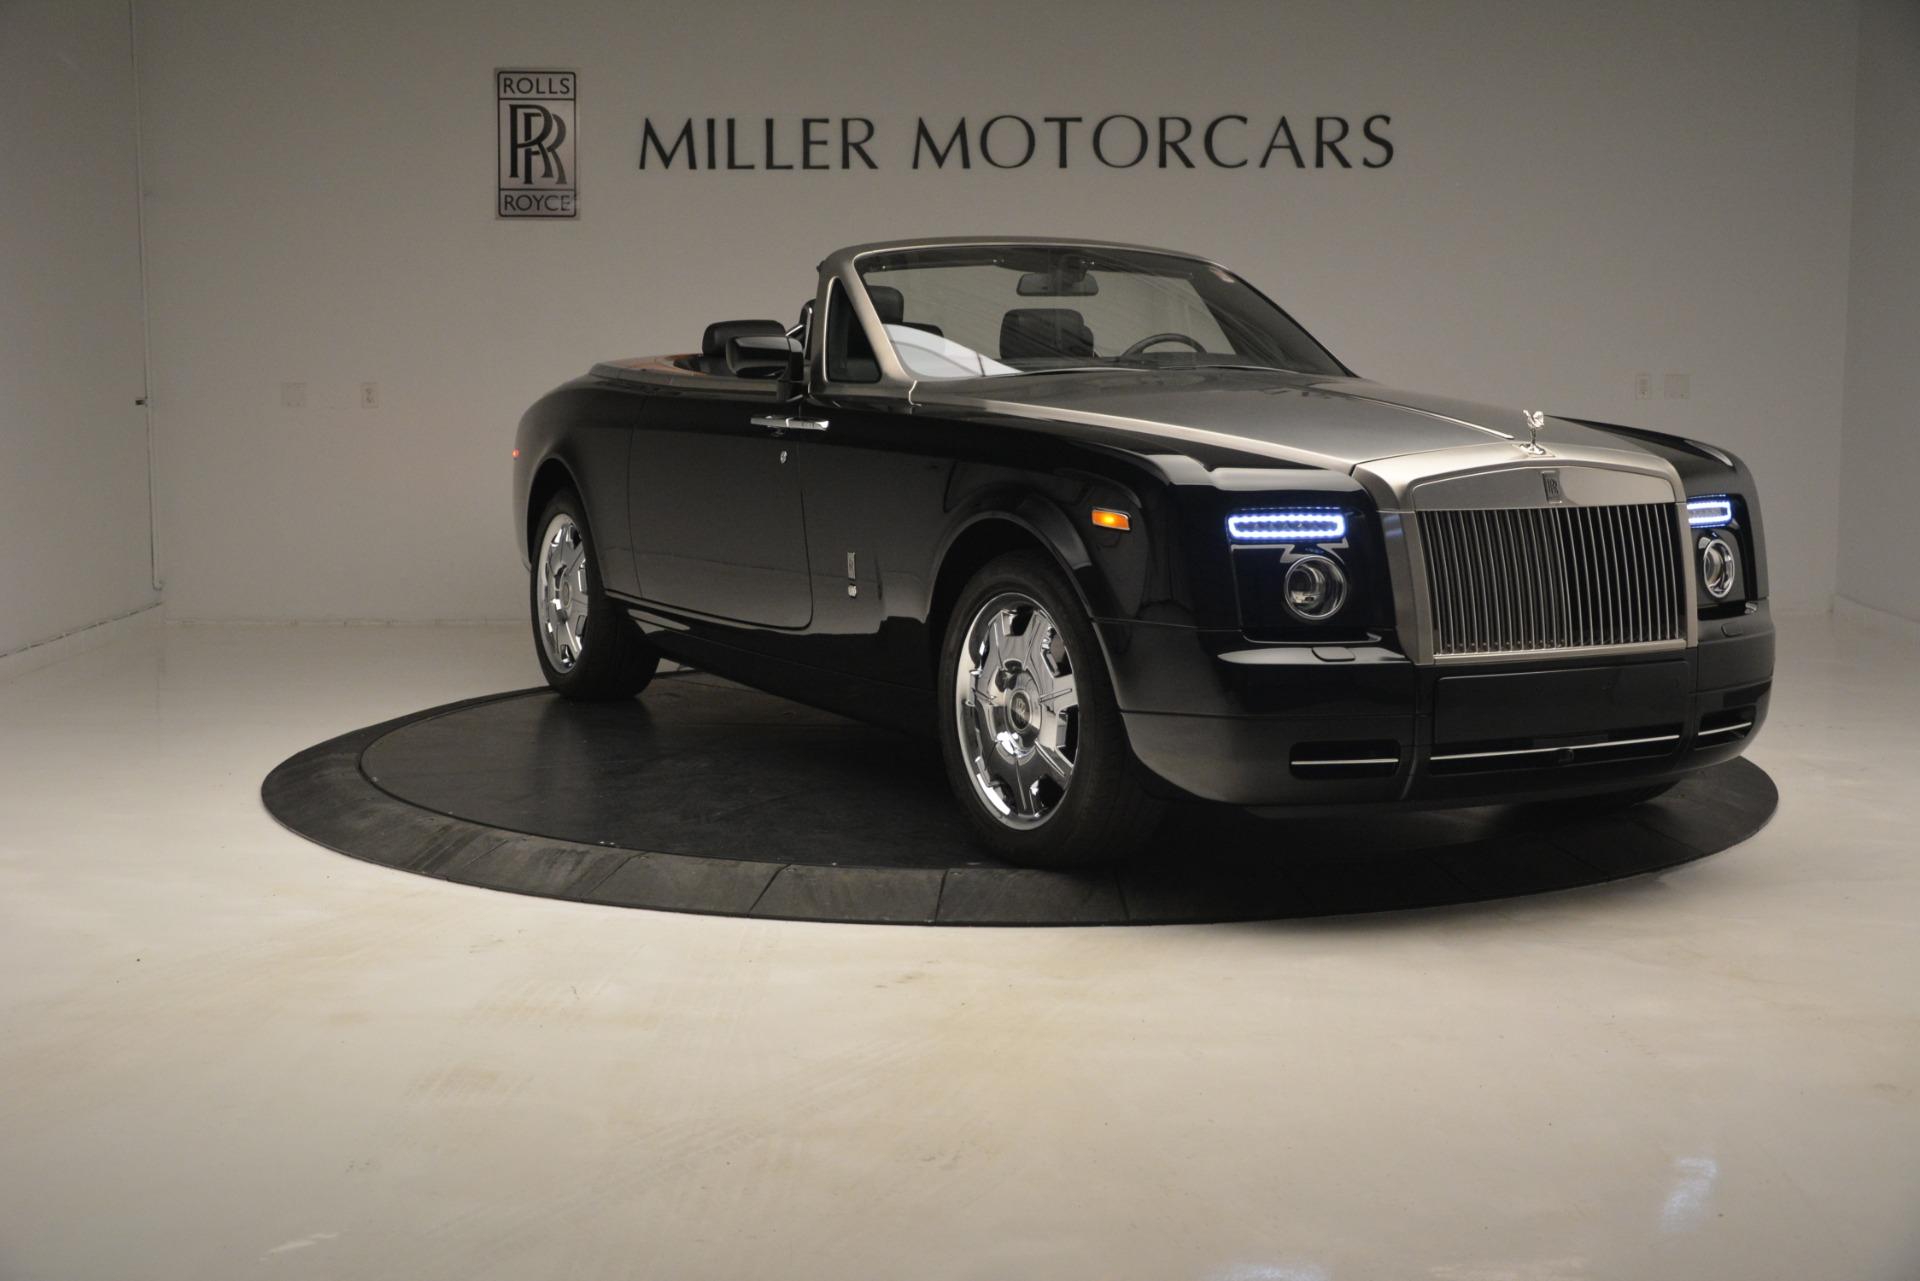 Used 2008 Rolls-Royce Phantom Drophead Coupe  For Sale In Westport, CT 3000_p16